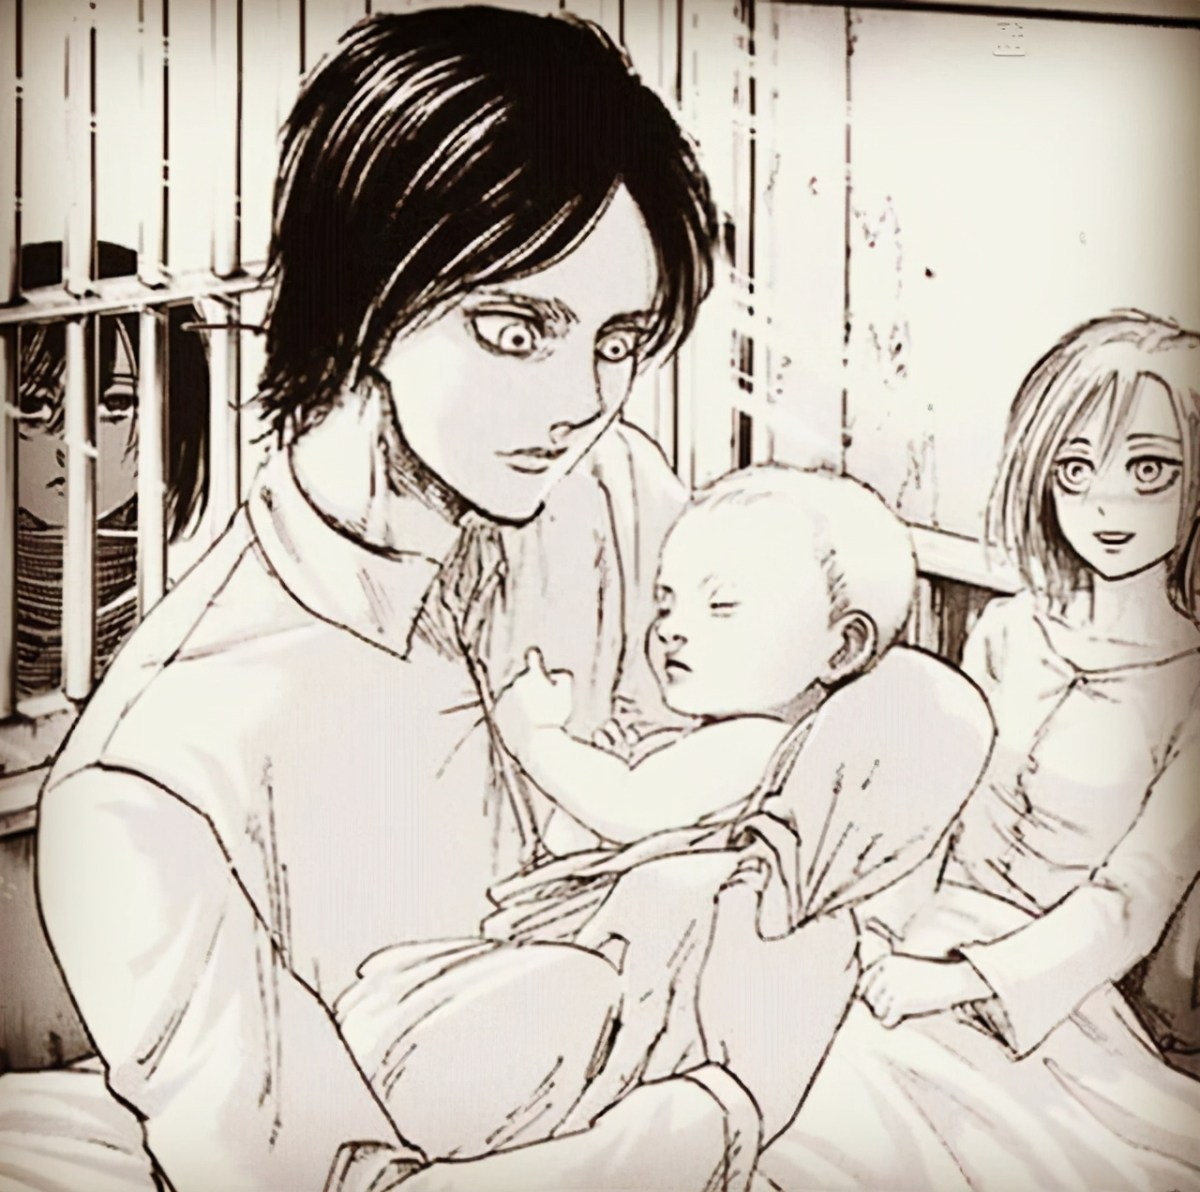 進擊的巨人:女王懷孕的真相與始祖尤彌爾有關,孩子生父已確認